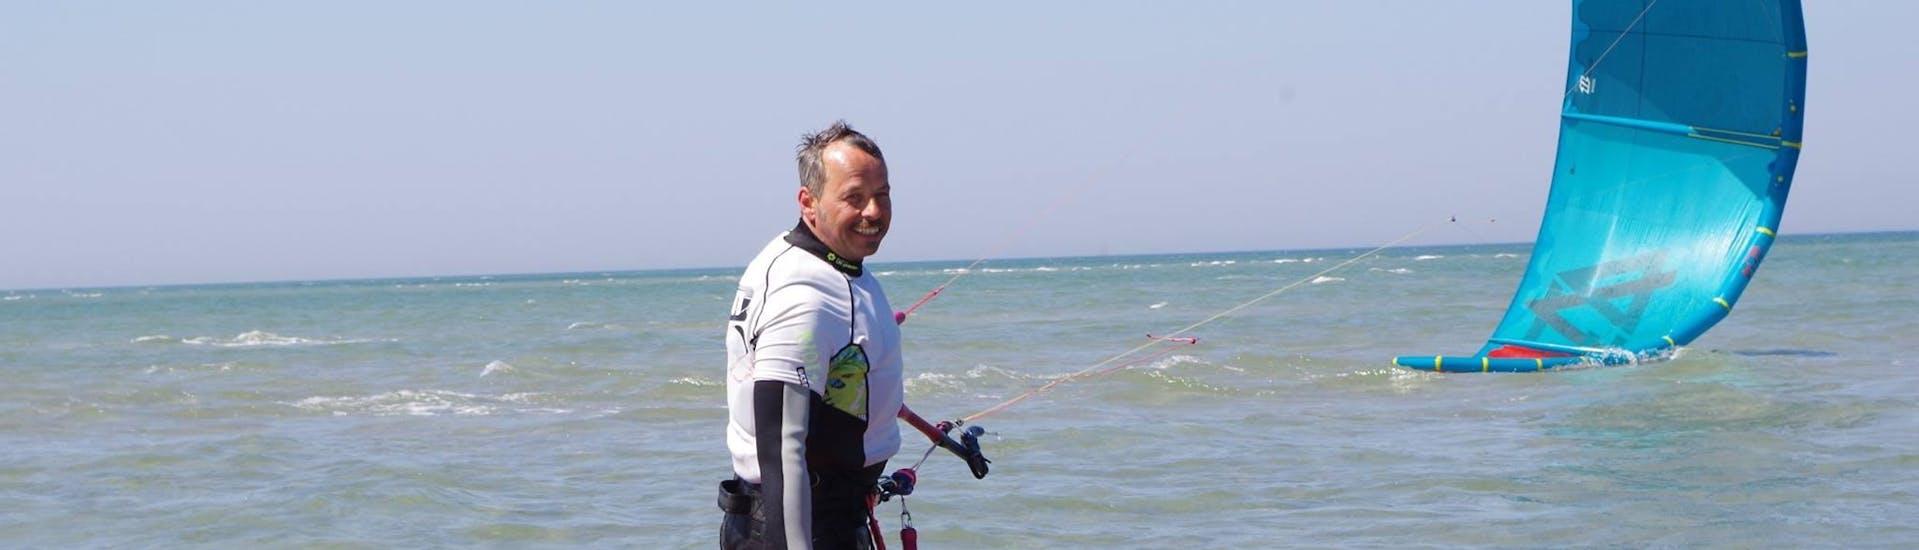 """Kitesurfing Lessons """"Premium"""" for Kids & Adults - Beginner"""